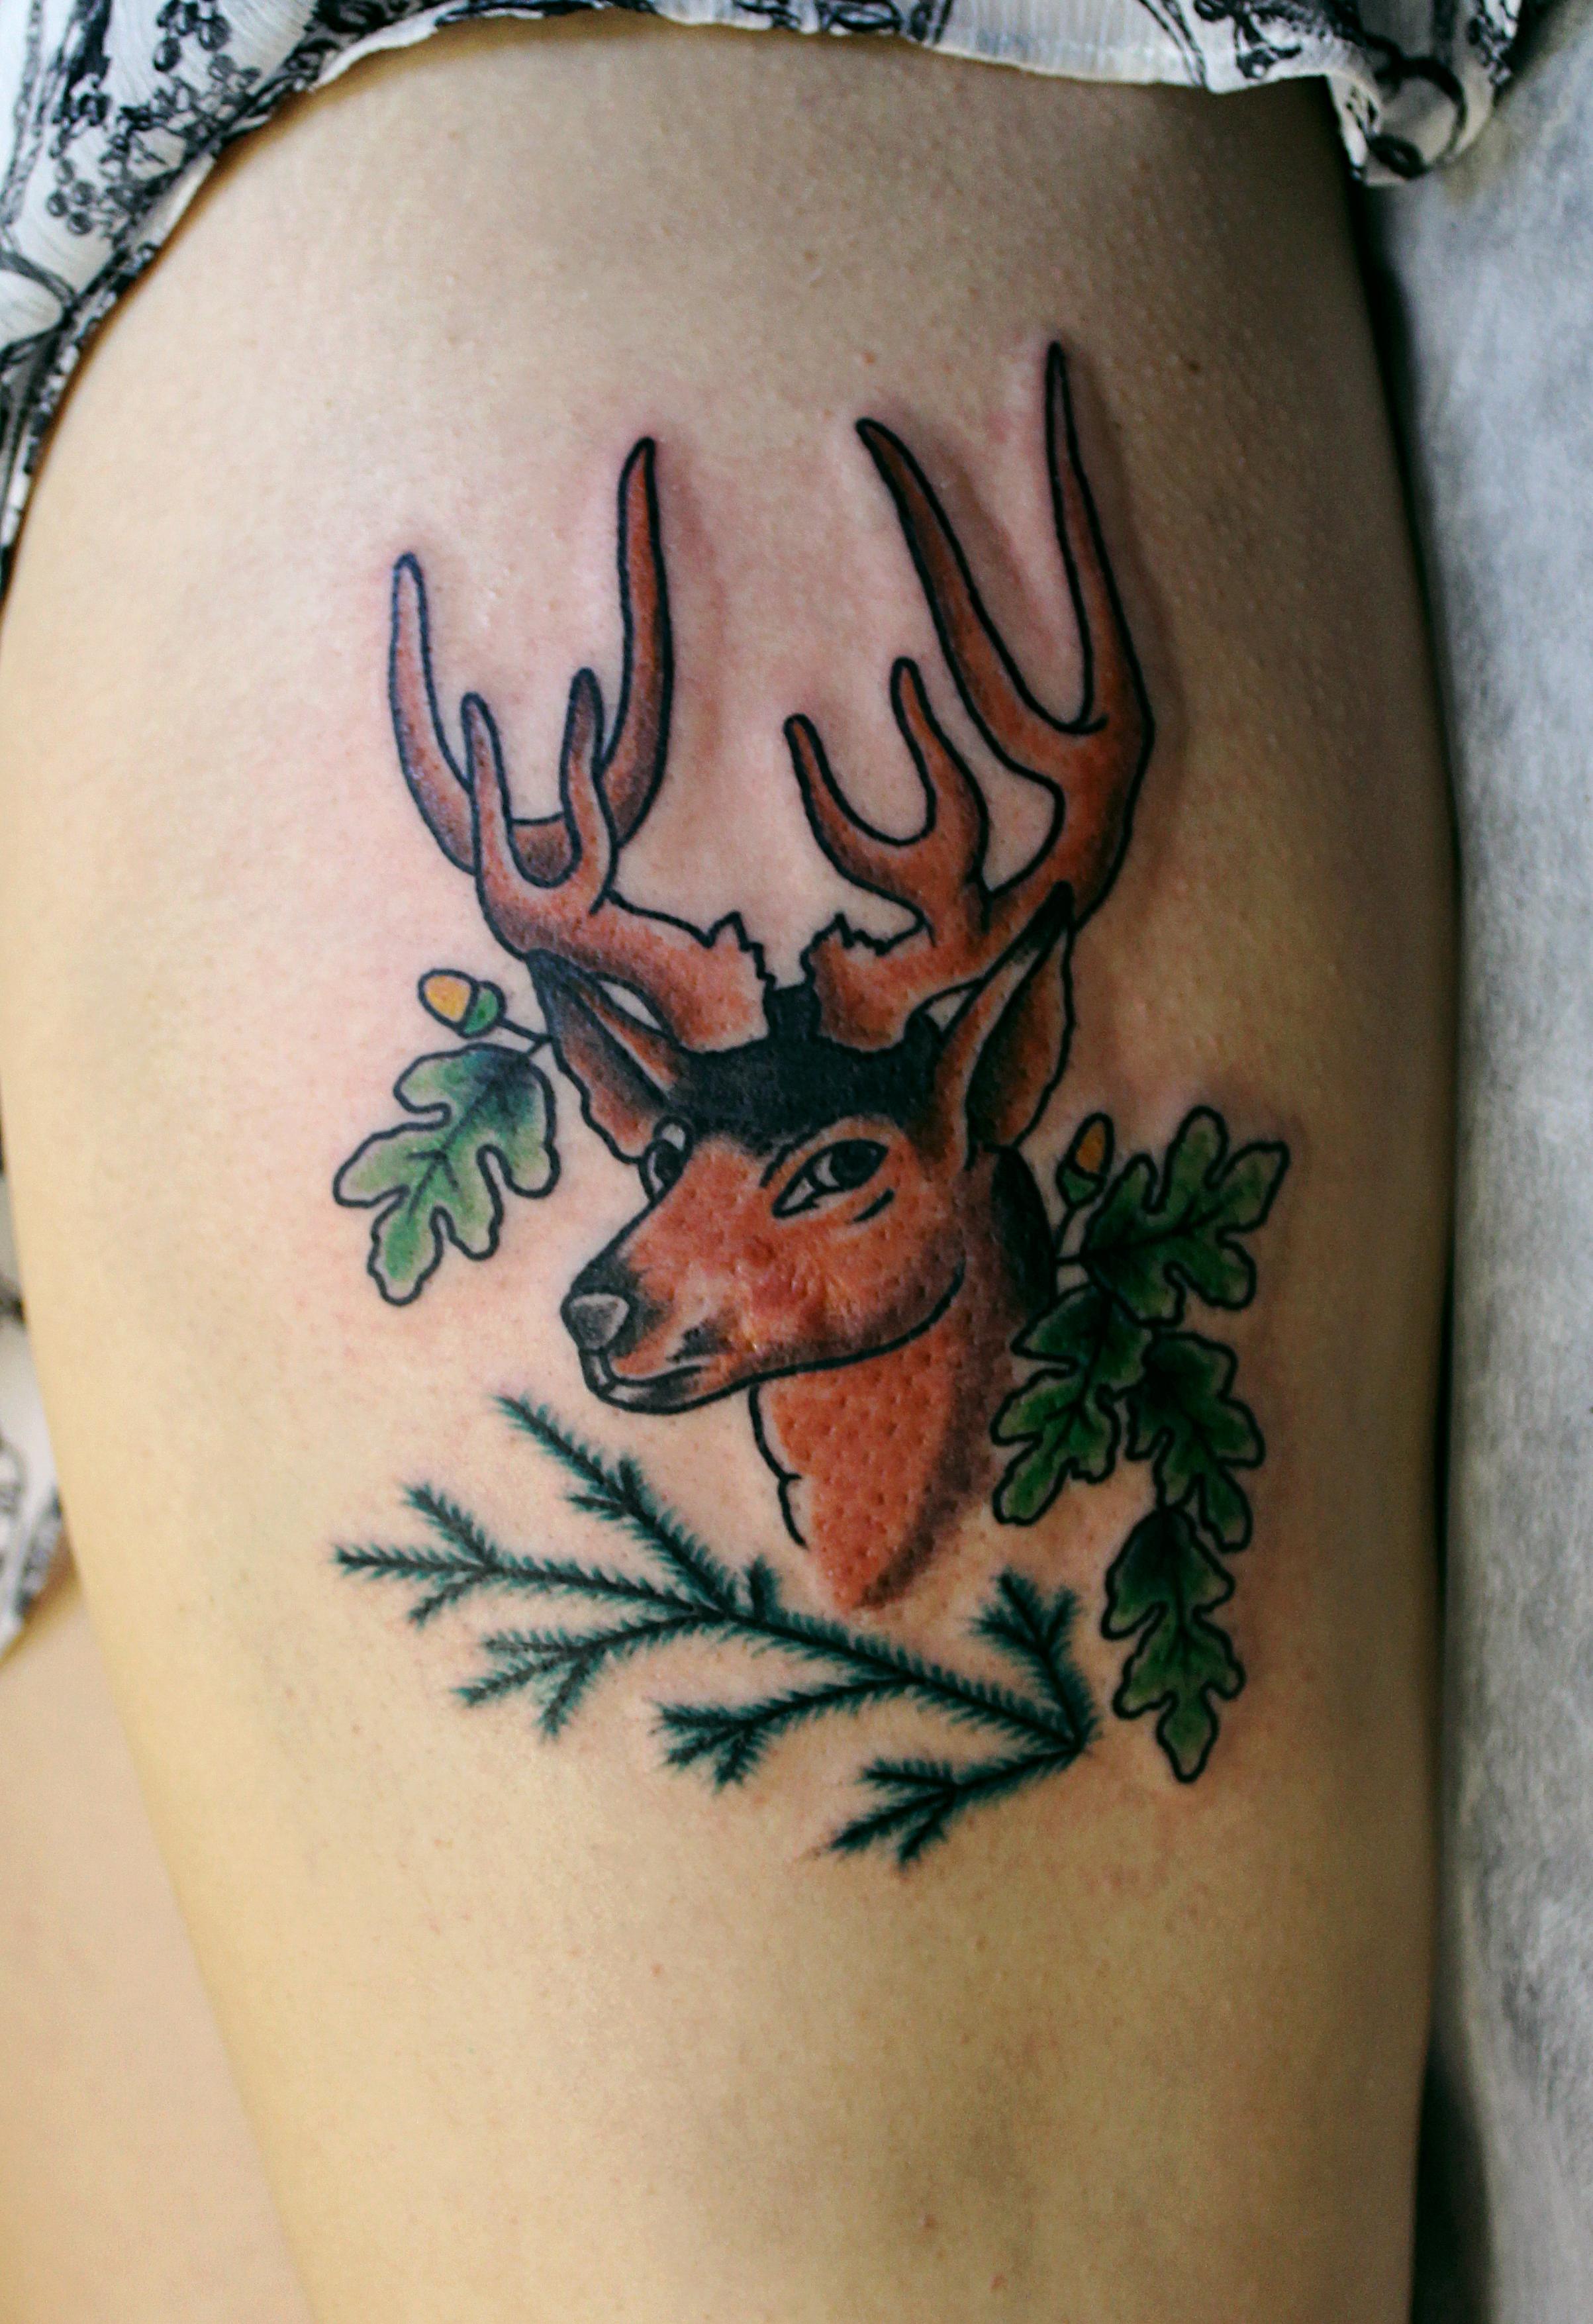 Художественная татуировка «Олень» выполнена мастером Евгением Химиком